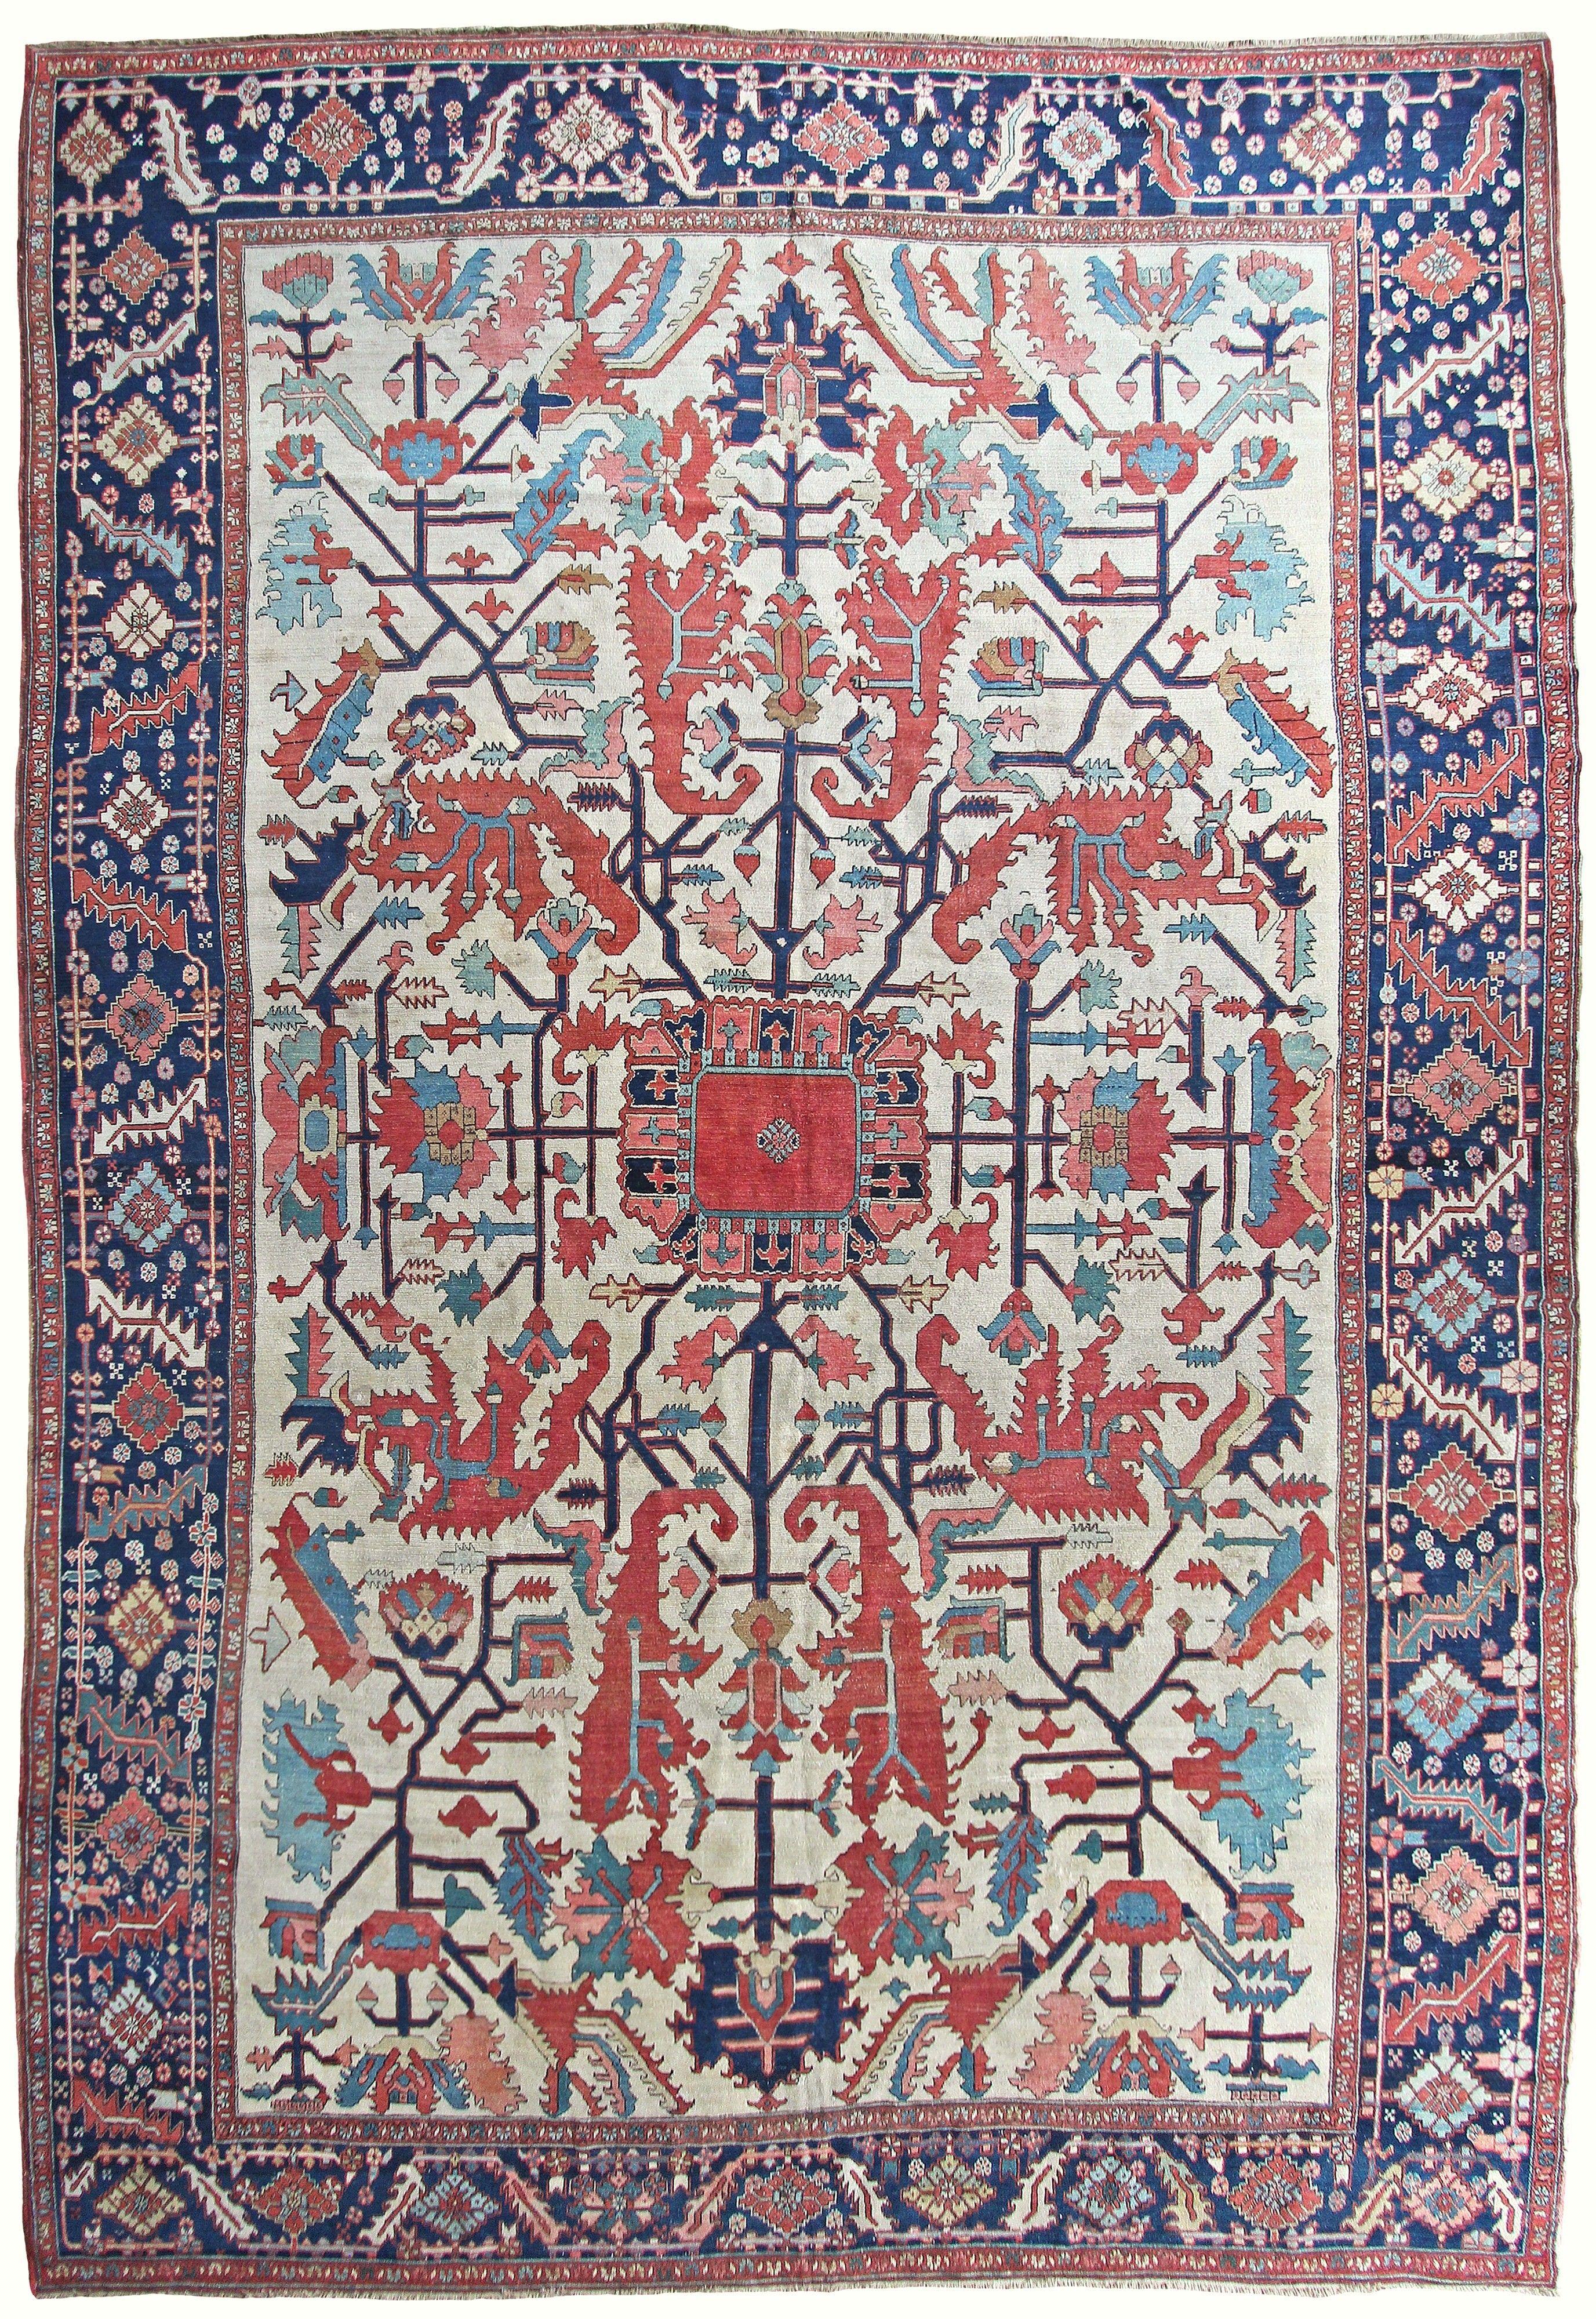 Persian Heriz Serapi Rug, 14u00273u201d X 9u00278u201d, Ca